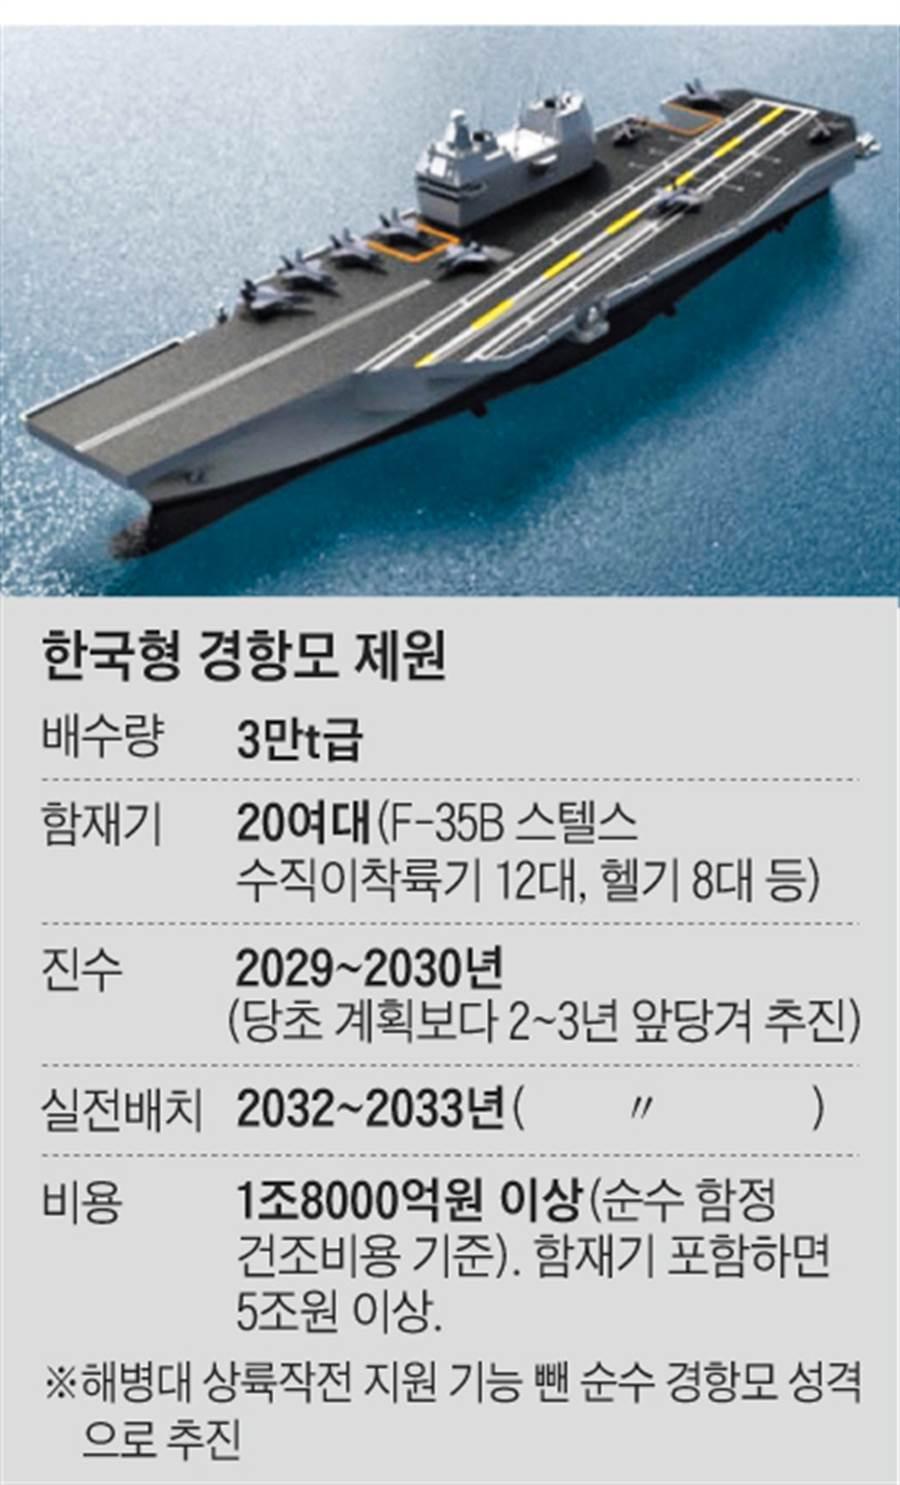 韓國朝鮮日報的圖片,是一艘中型正規航艦,具彈射器與斜向甲板。(圖/朝鮮日報)